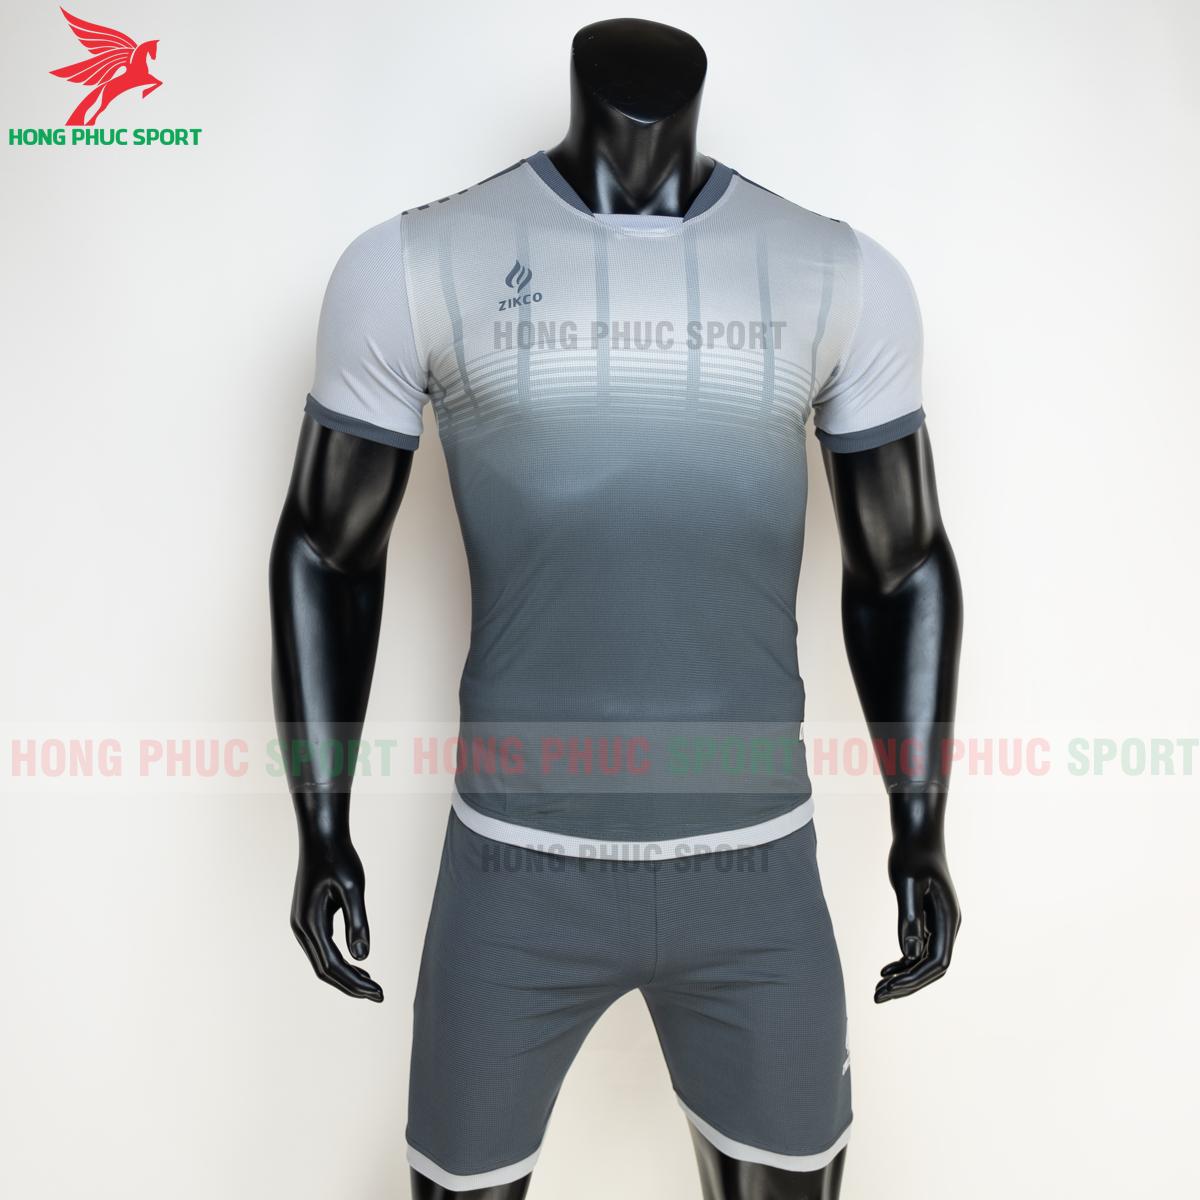 https://cdn.hongphucsport.com/unsafe/s4.shopbay.vn/files/285/ao-bong-da-khong-logo-zikco-z01-mau-den-2-605024e96cc2b.png